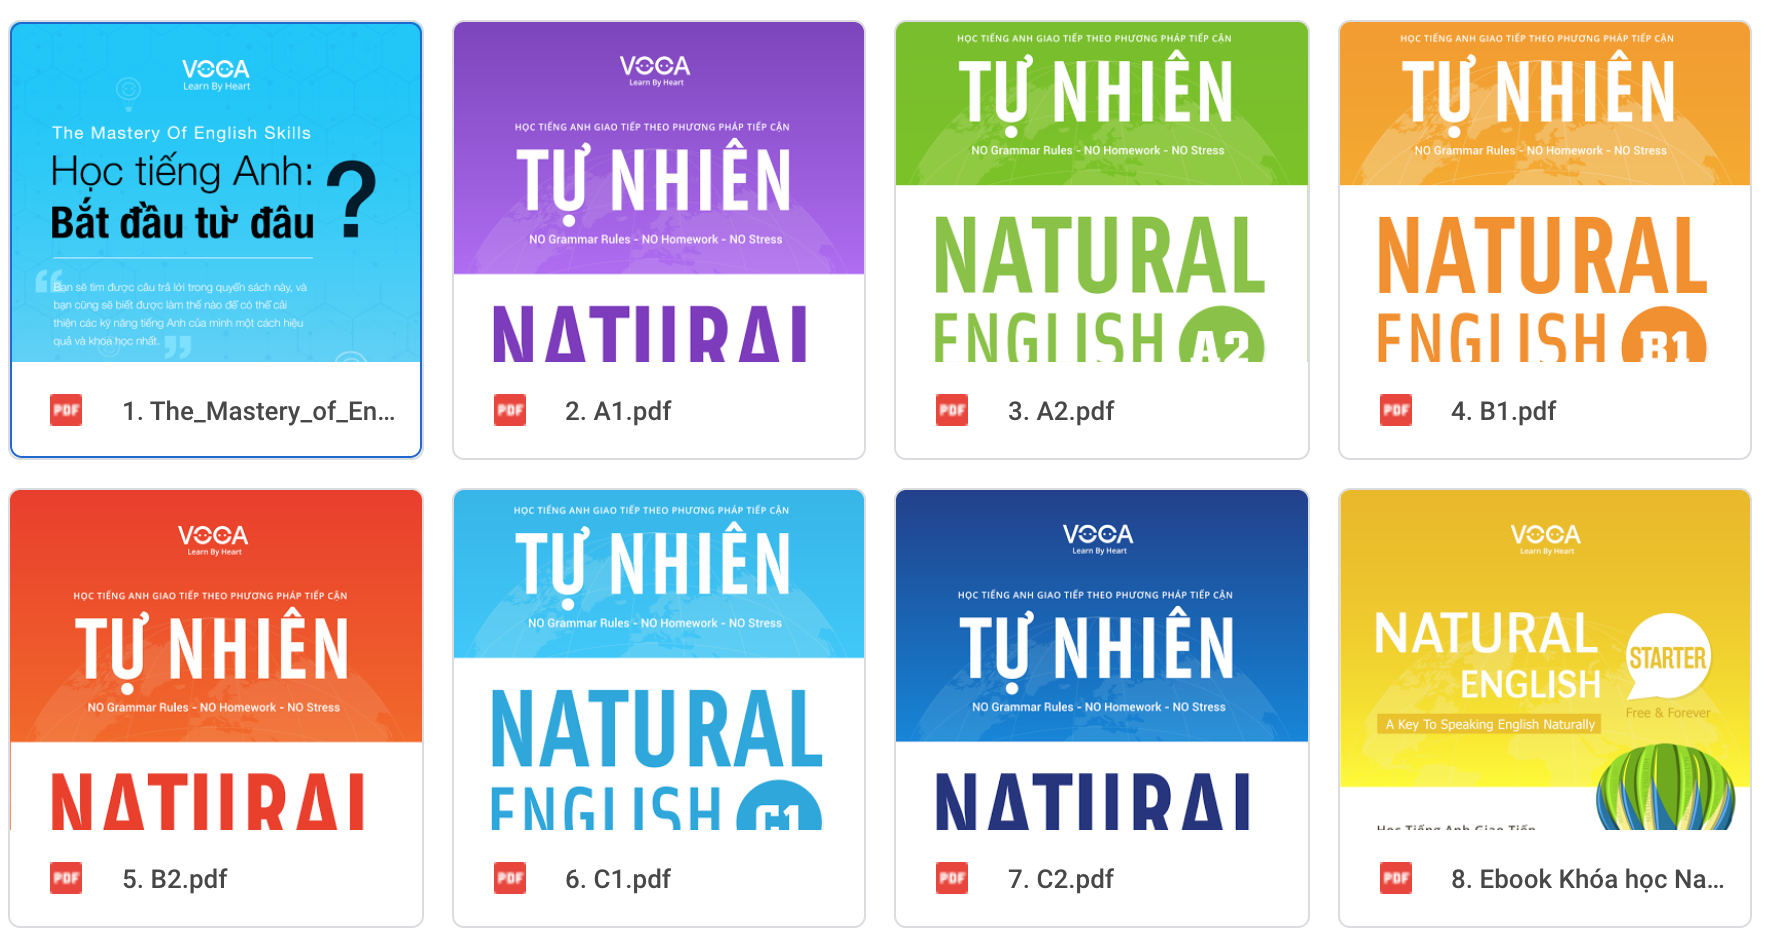 Truyền tay 10 tài liệu tự học tiếng Anh giao tiếp miễn phí & hiệu quả